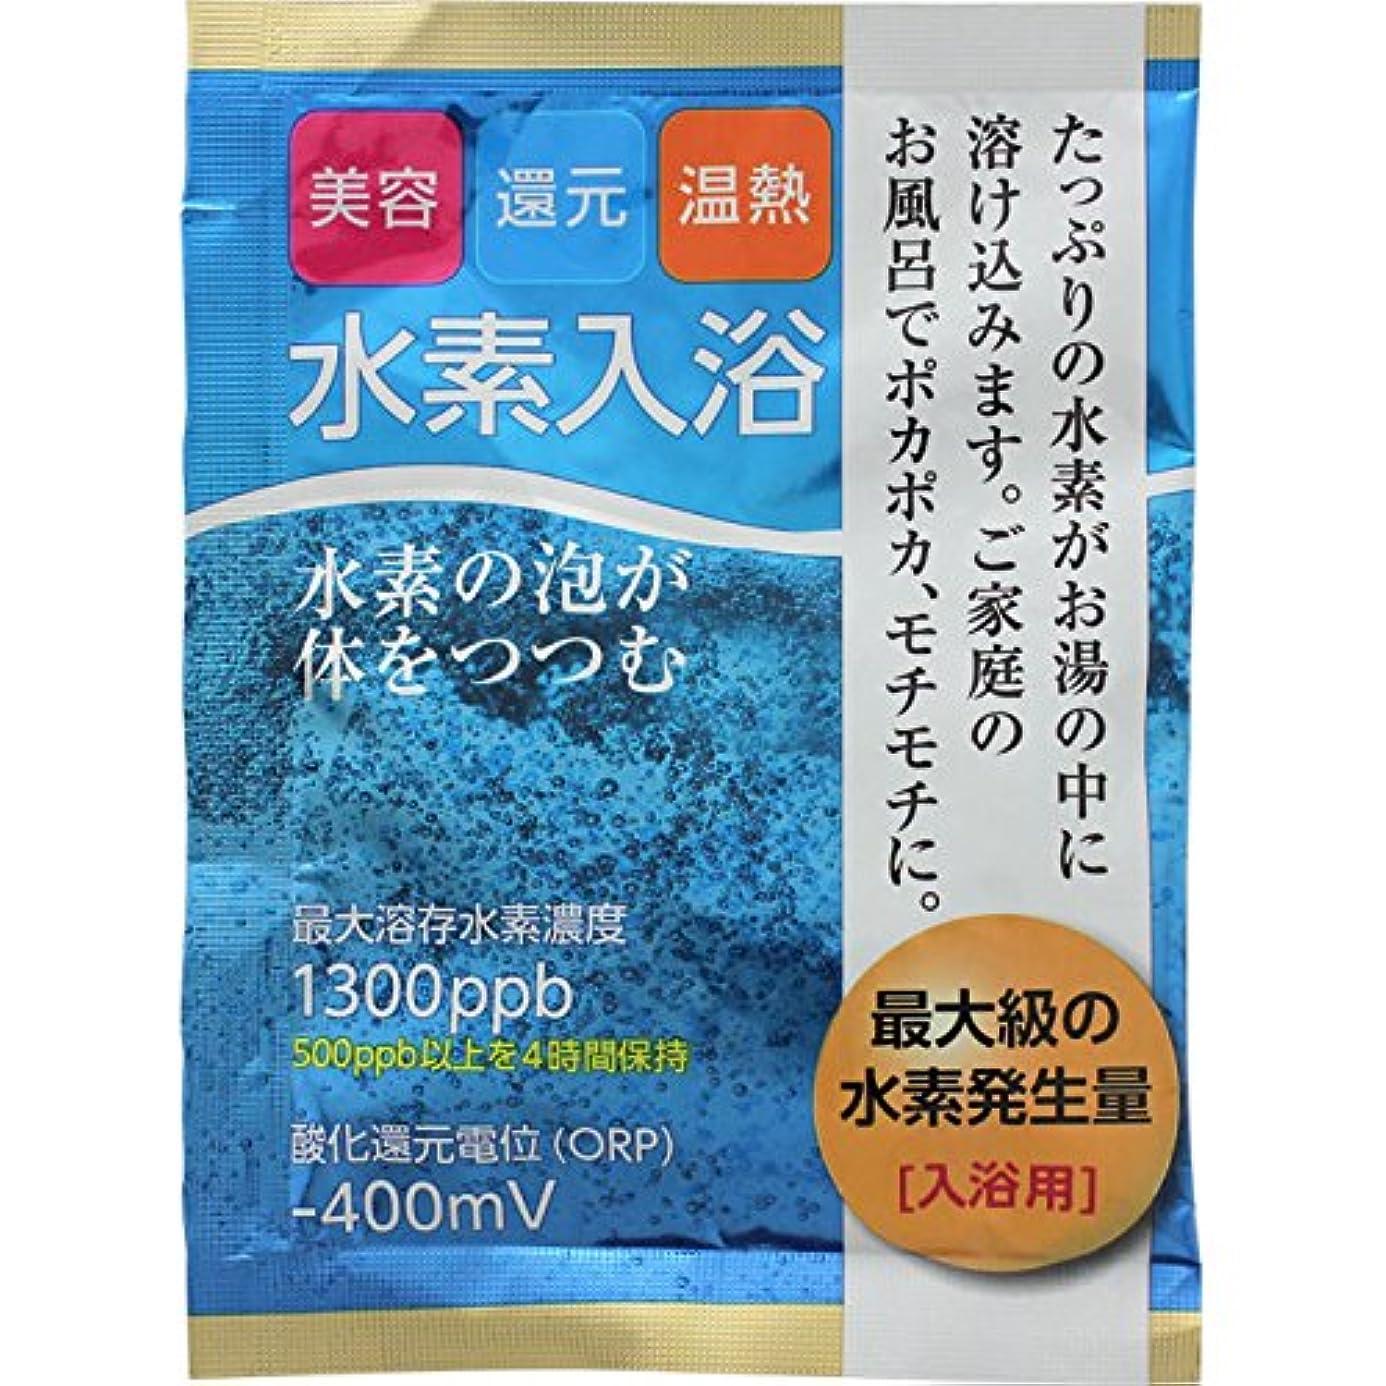 遺跡真珠のようなラボラディエンスジャパン 水素入浴 35g